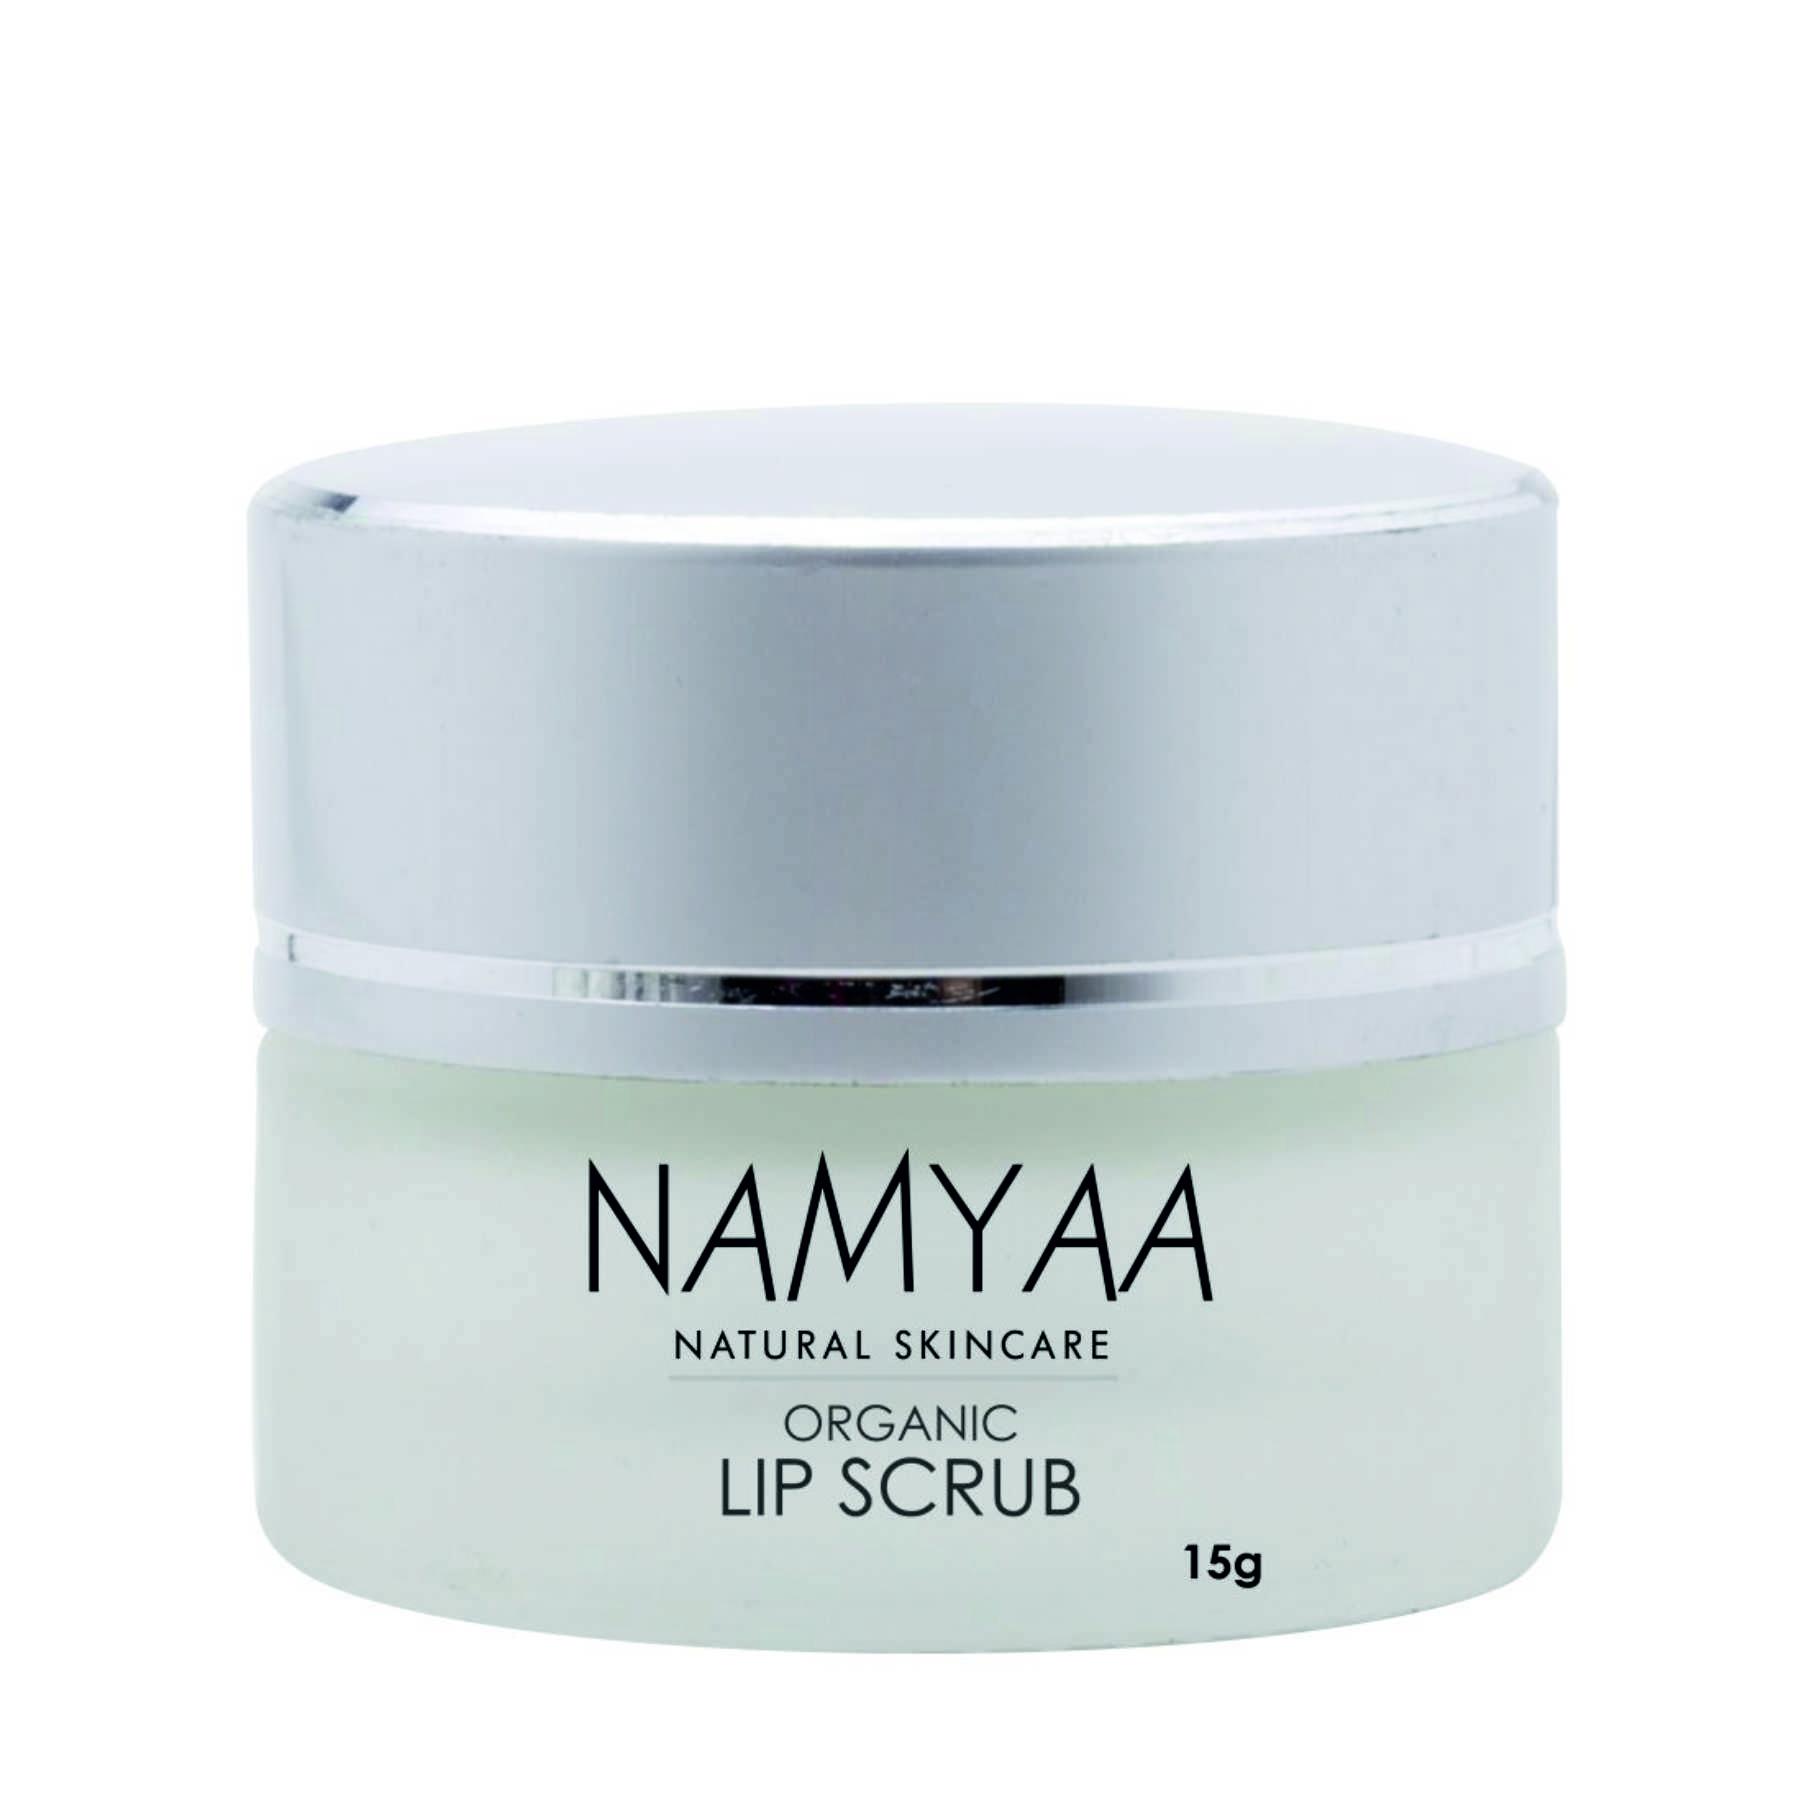 Namyaa Lip Scrub